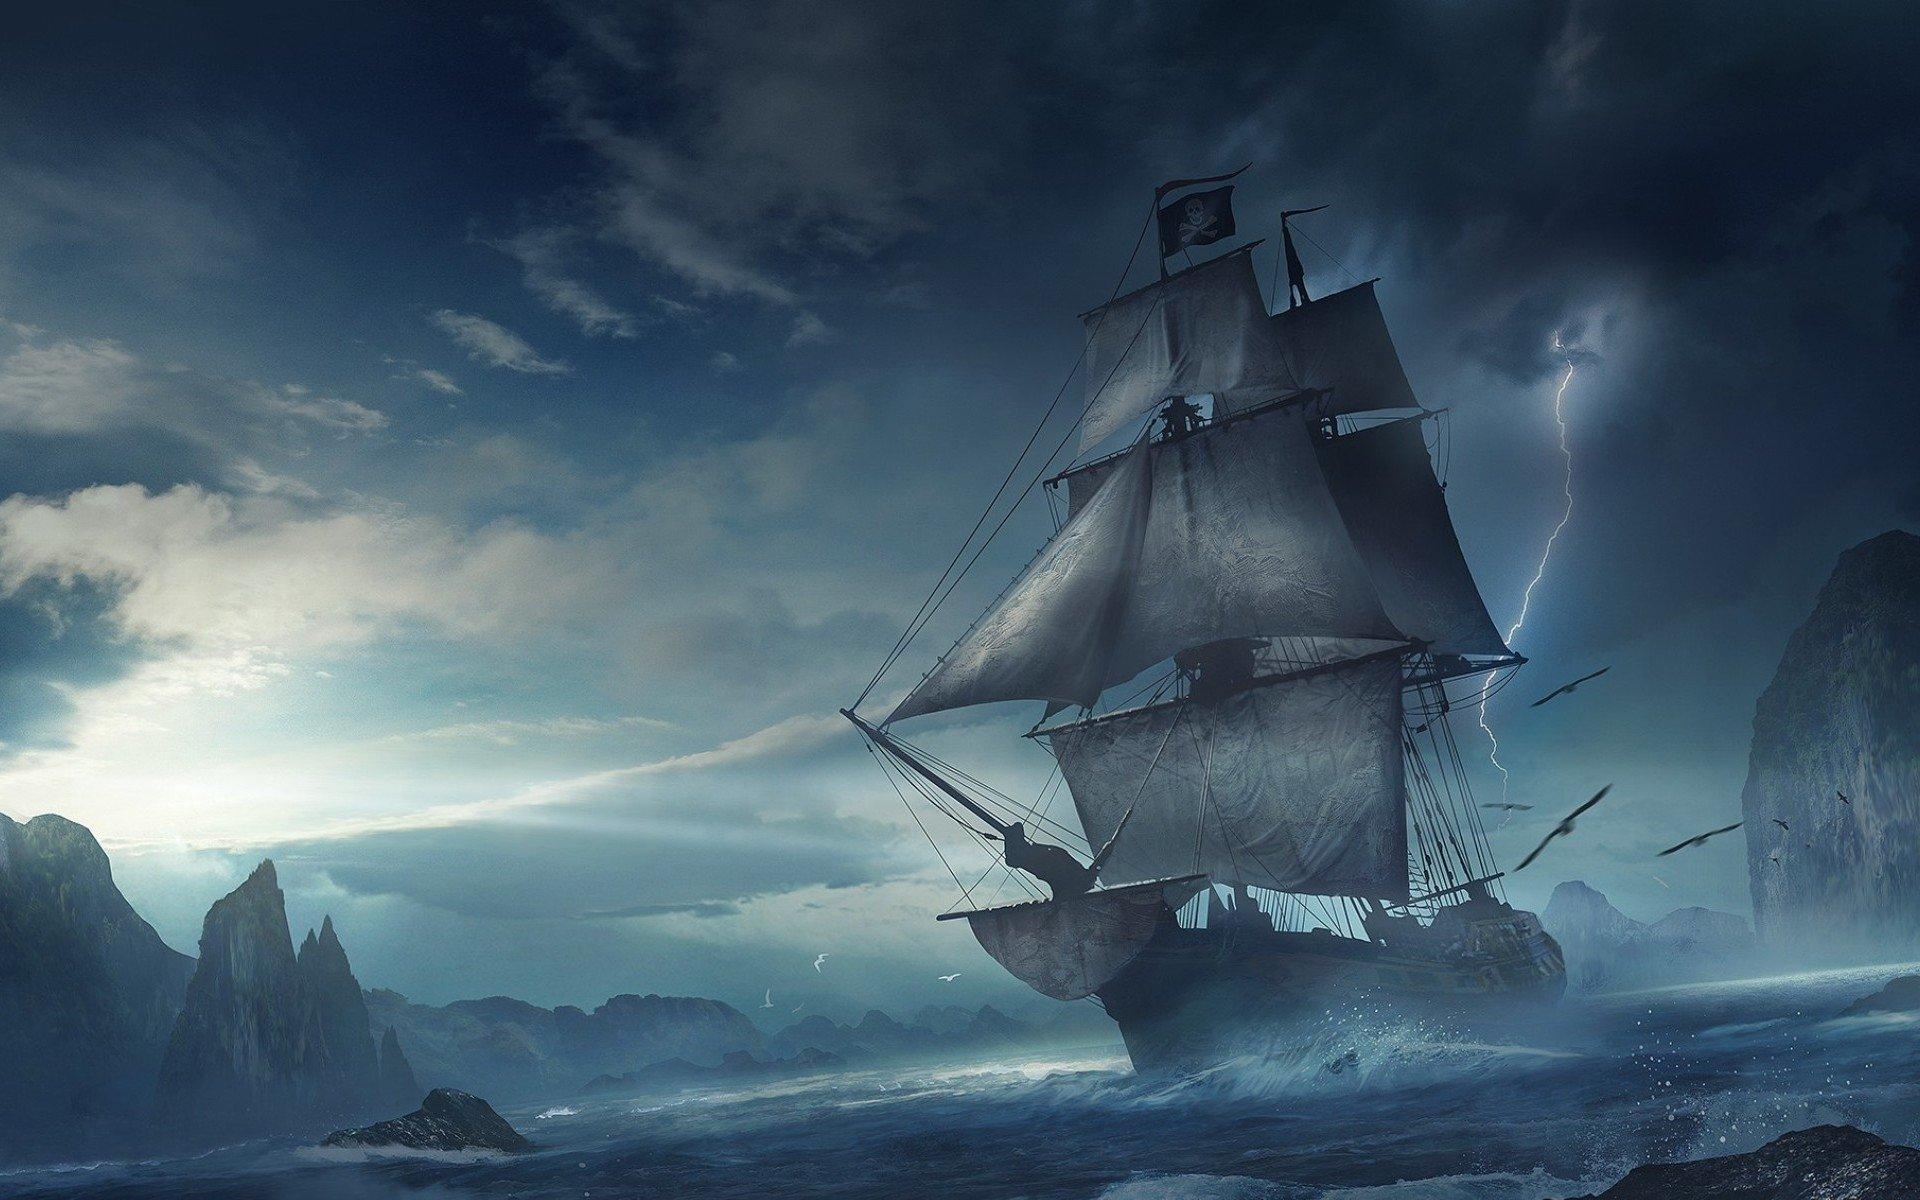 Pirate Ship HD Wallpaper